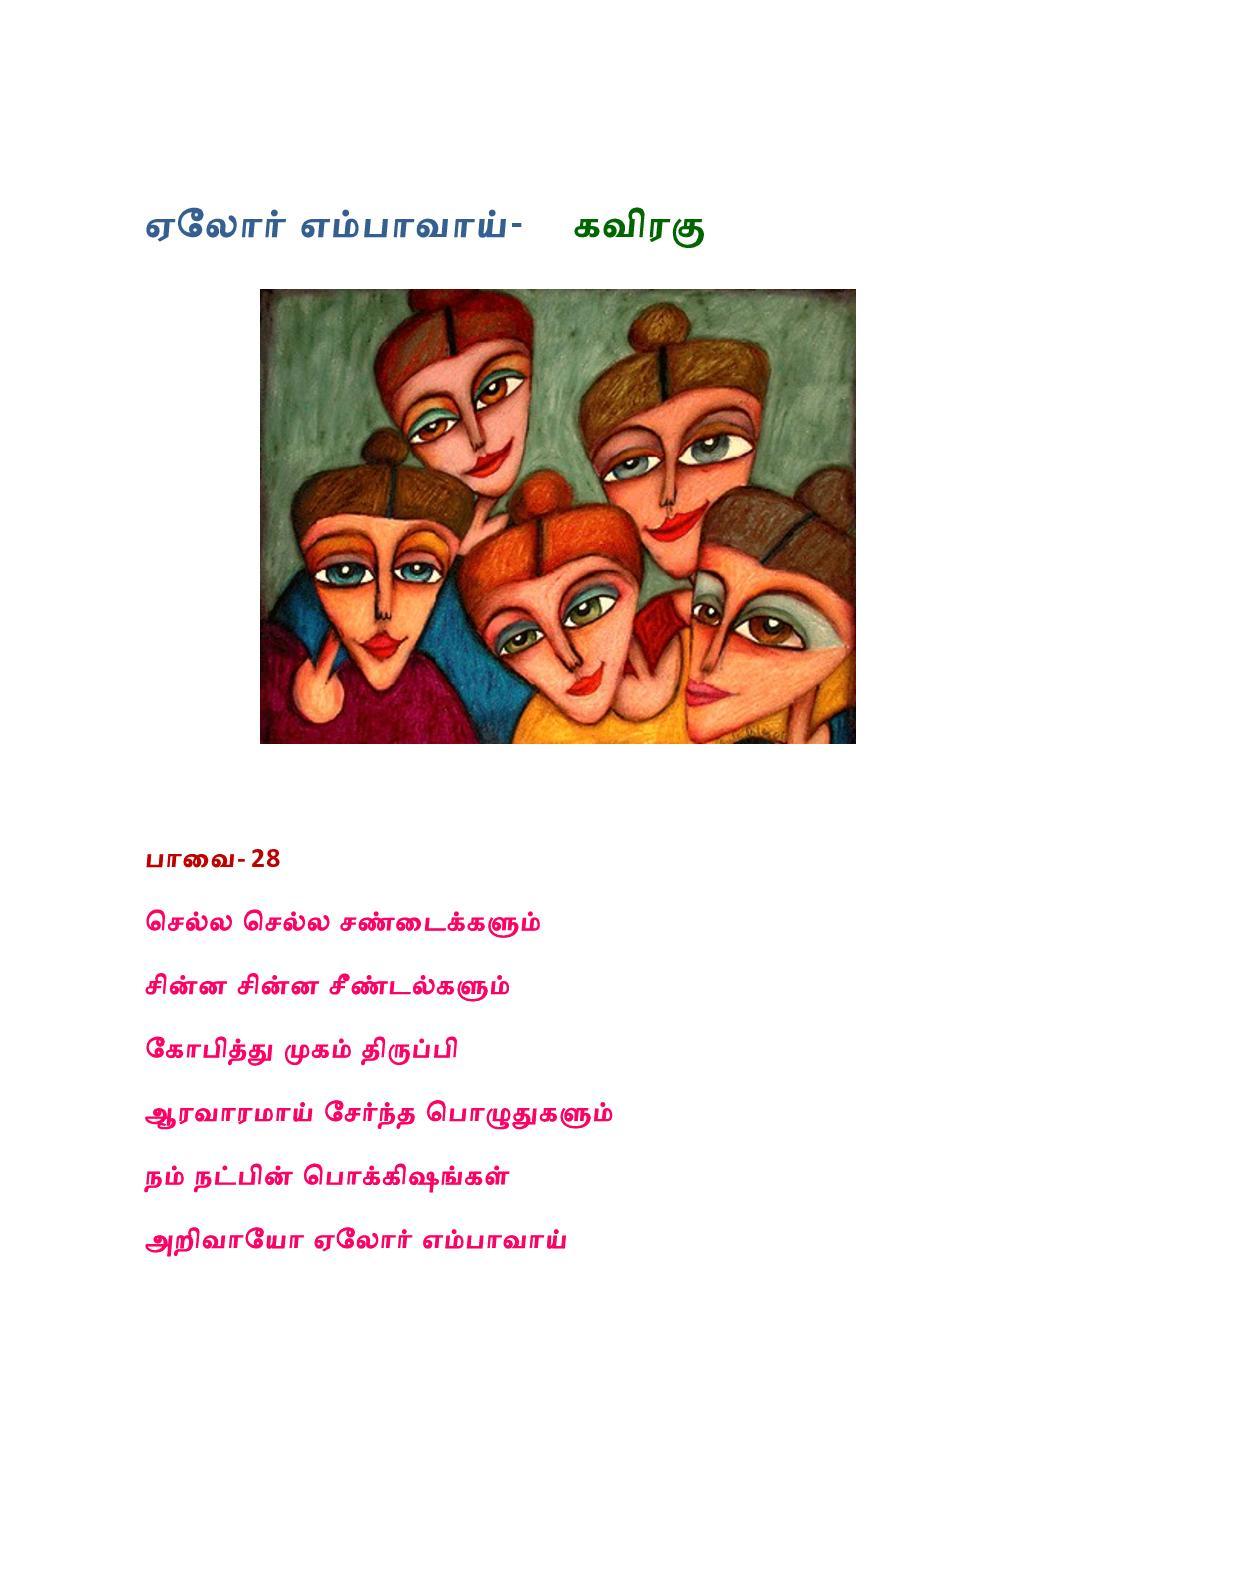 ஏலோர் எம்பாவாய் எபி-28